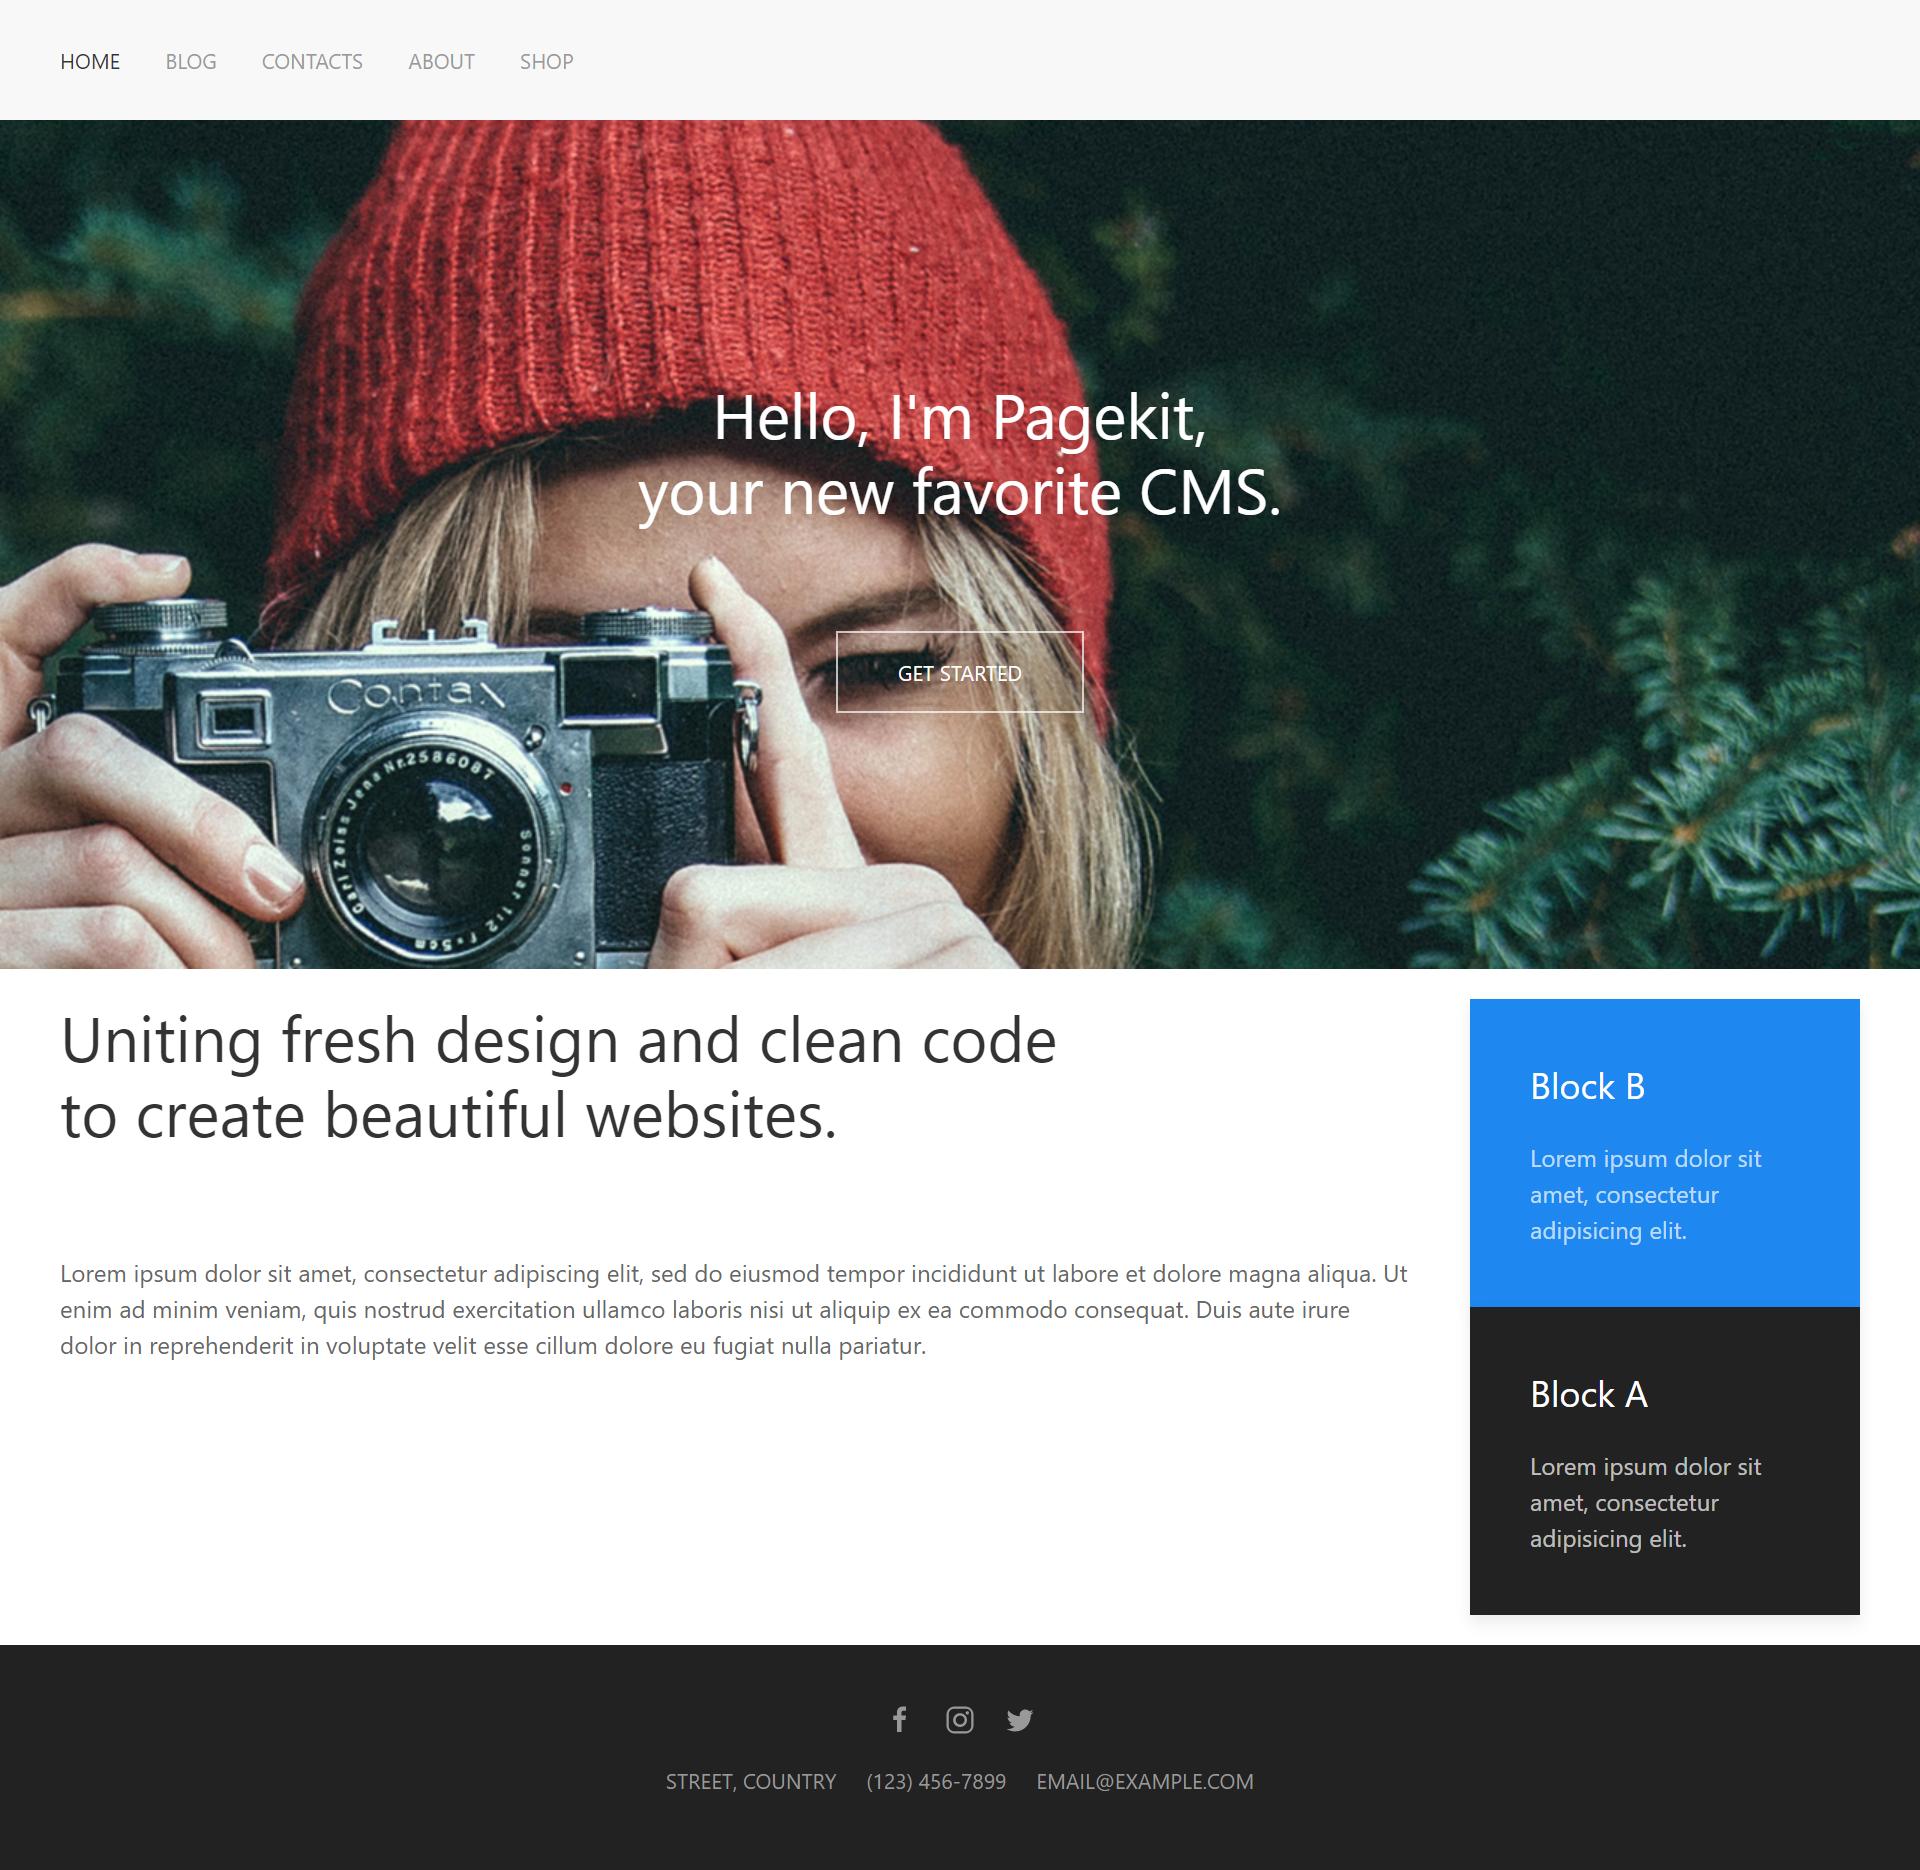 uno-page.markdefroze.com